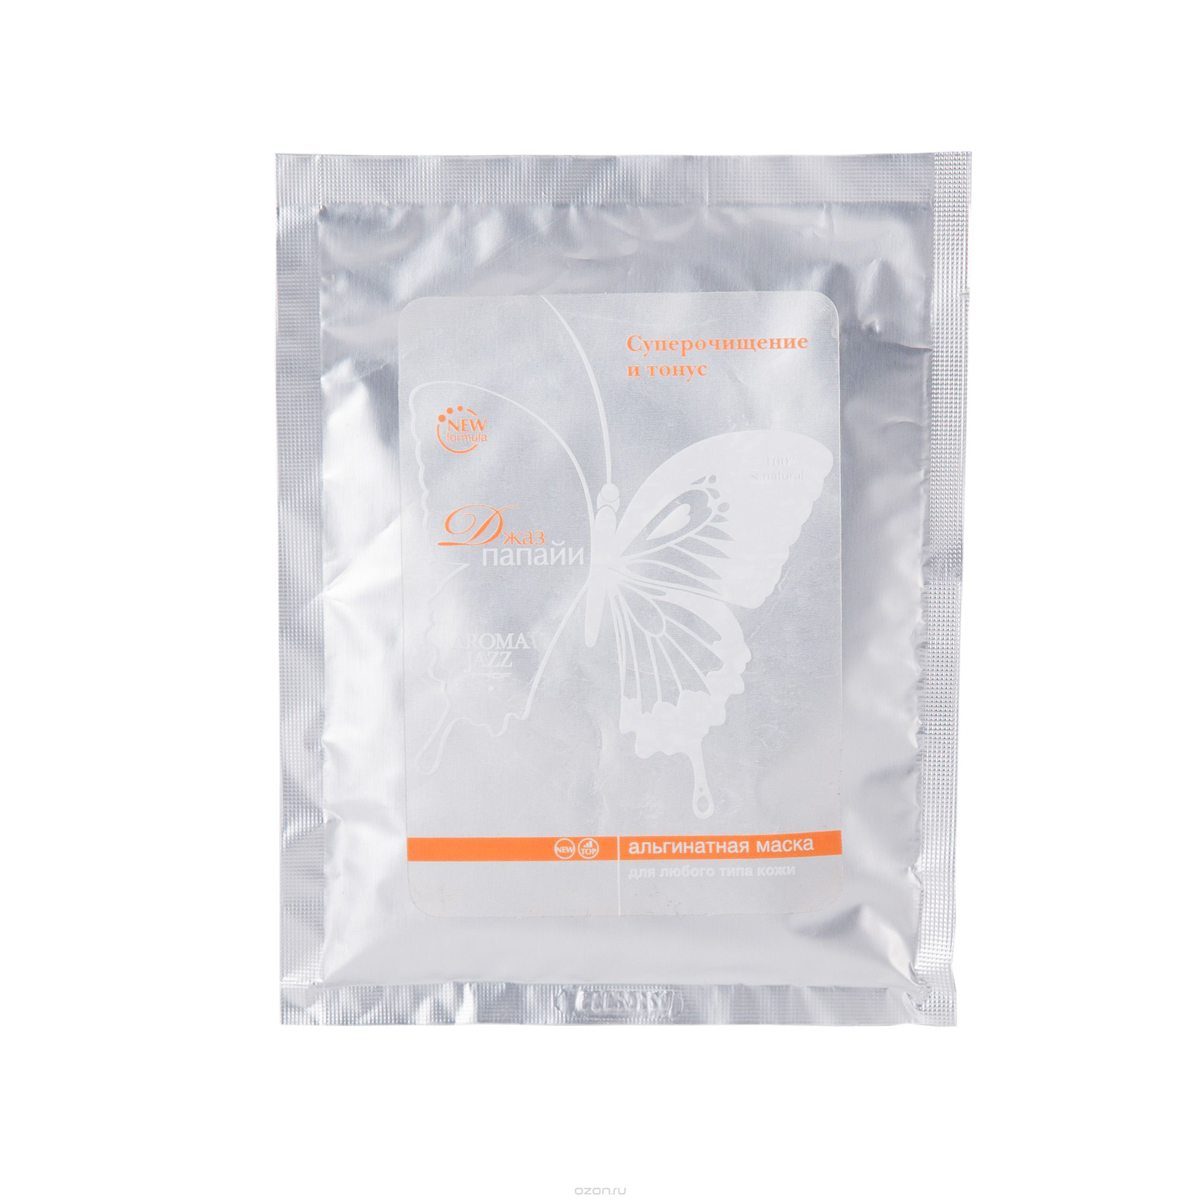 Aroma Jazz Пластифицирующая альгинатная маска для лица Джаз папайи, 100 млFS-00897Действие: маска способствует глубокому очищению и улучшению цвета кожи, обладает отшелушивающим действием, активизирует обновление клеток кожи, выравнивает структуру кожи и тонизирует ее. Маска не требует смывания водой. Через 30 минут она легко снимается в виде мягкого пластичного слепка. Противопоказания: индивидуальная непереносимость компонентов. Срок хранения: 24 месяца.